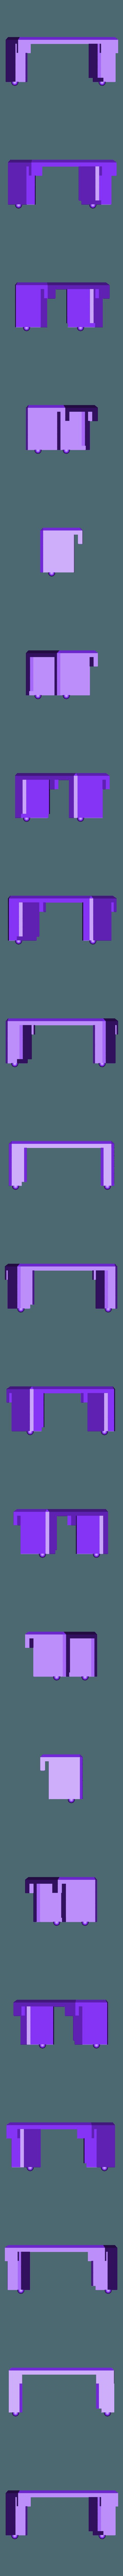 Servo Bracket.stl Télécharger fichier STL gratuit WLtoys A959 • Plan imprimable en 3D, EvolvingExtrusions